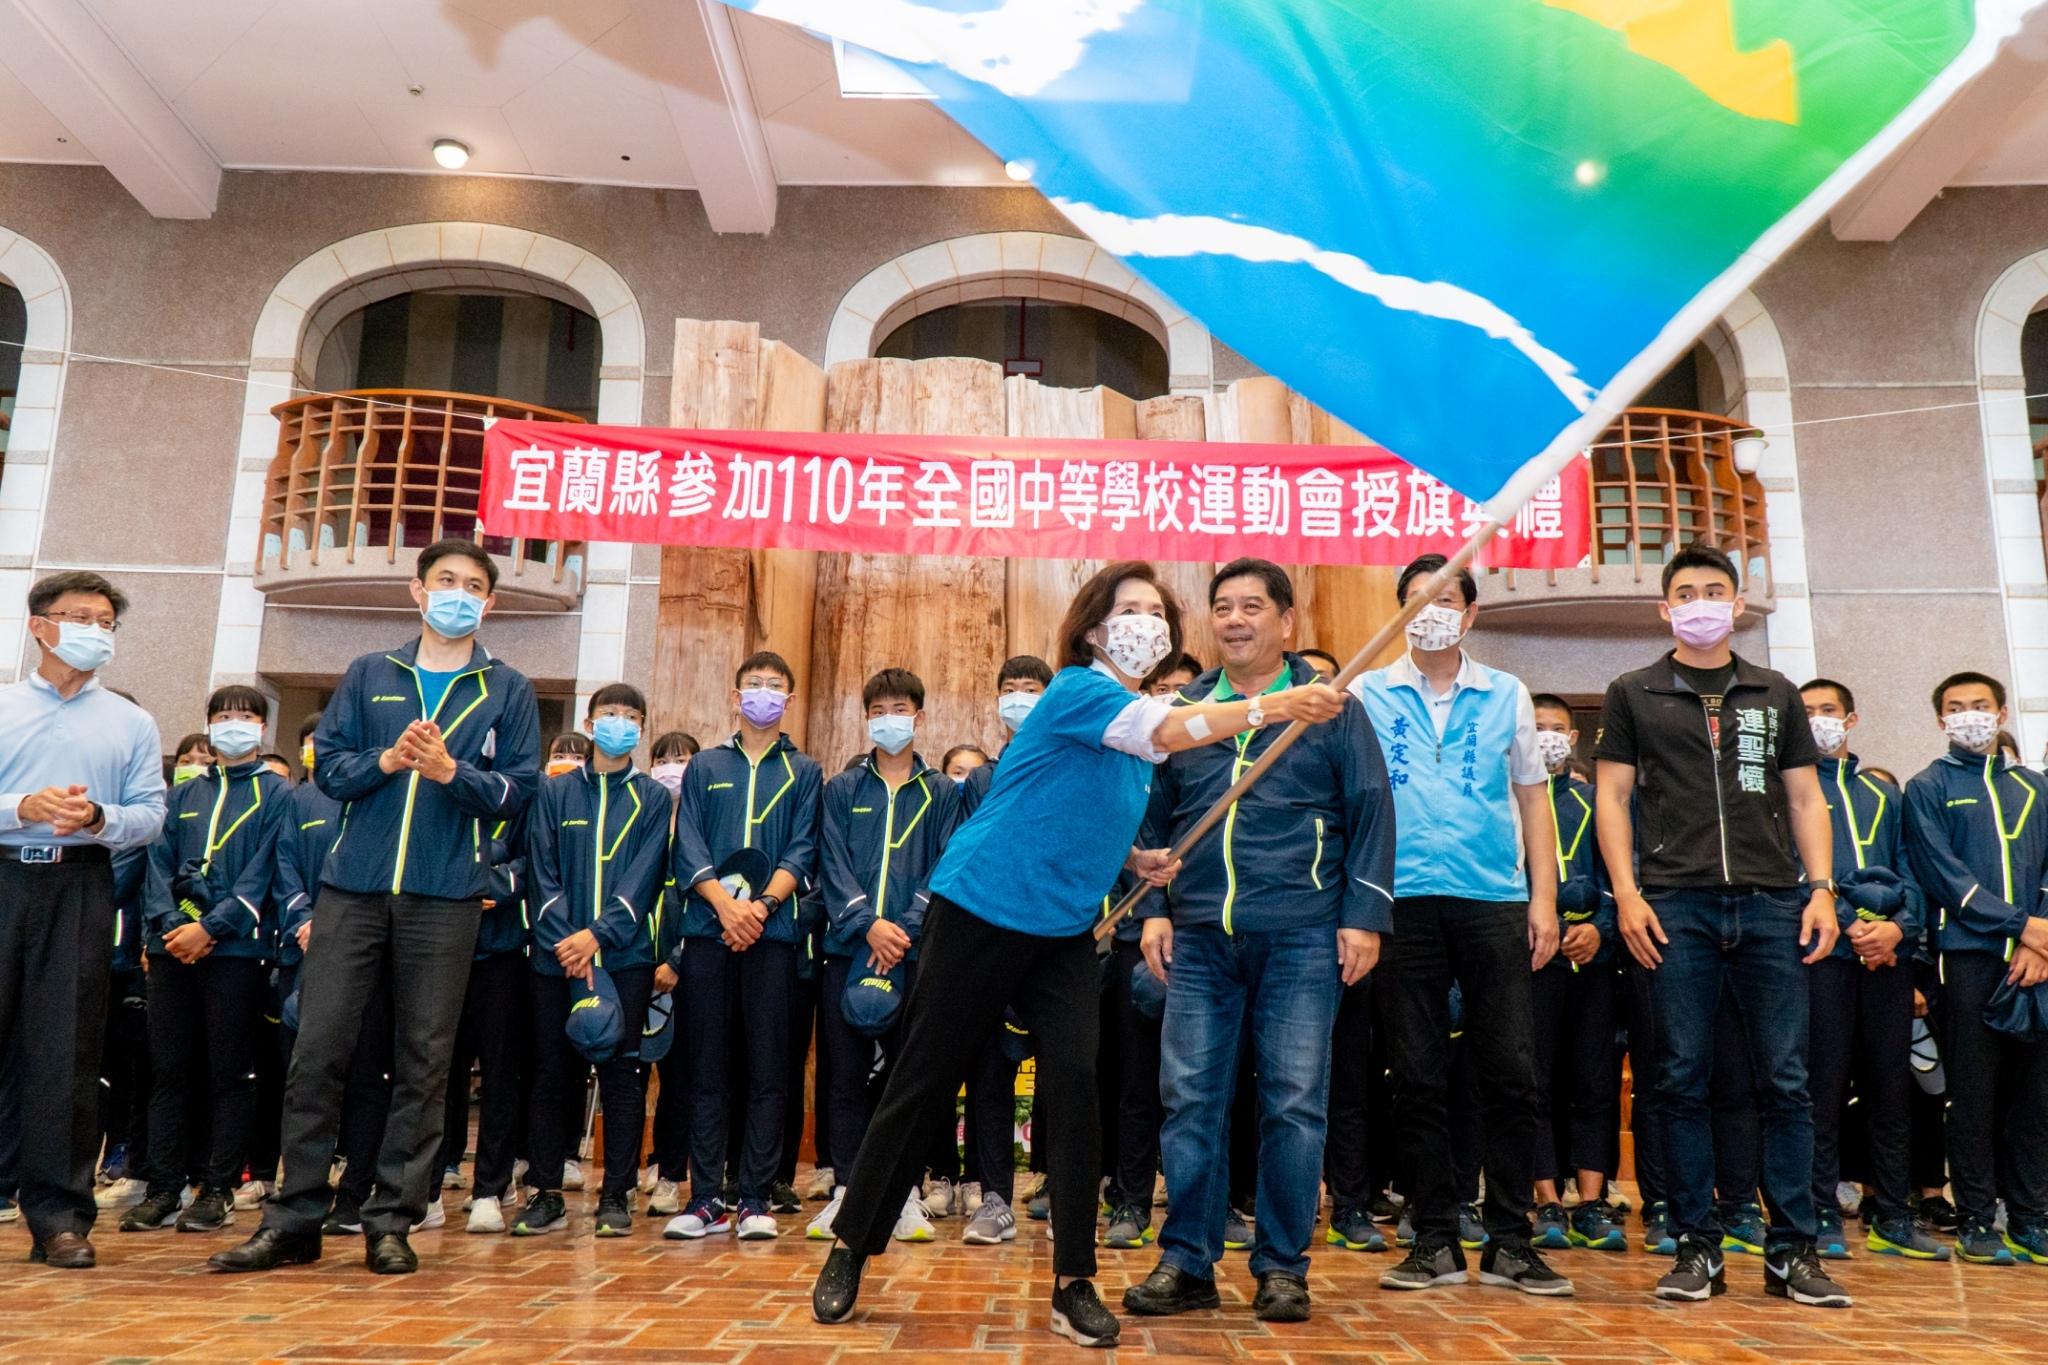 110年全國中等學校運動會宜蘭縣代表隊,今(13)天由林姿妙縣長親自授旗。